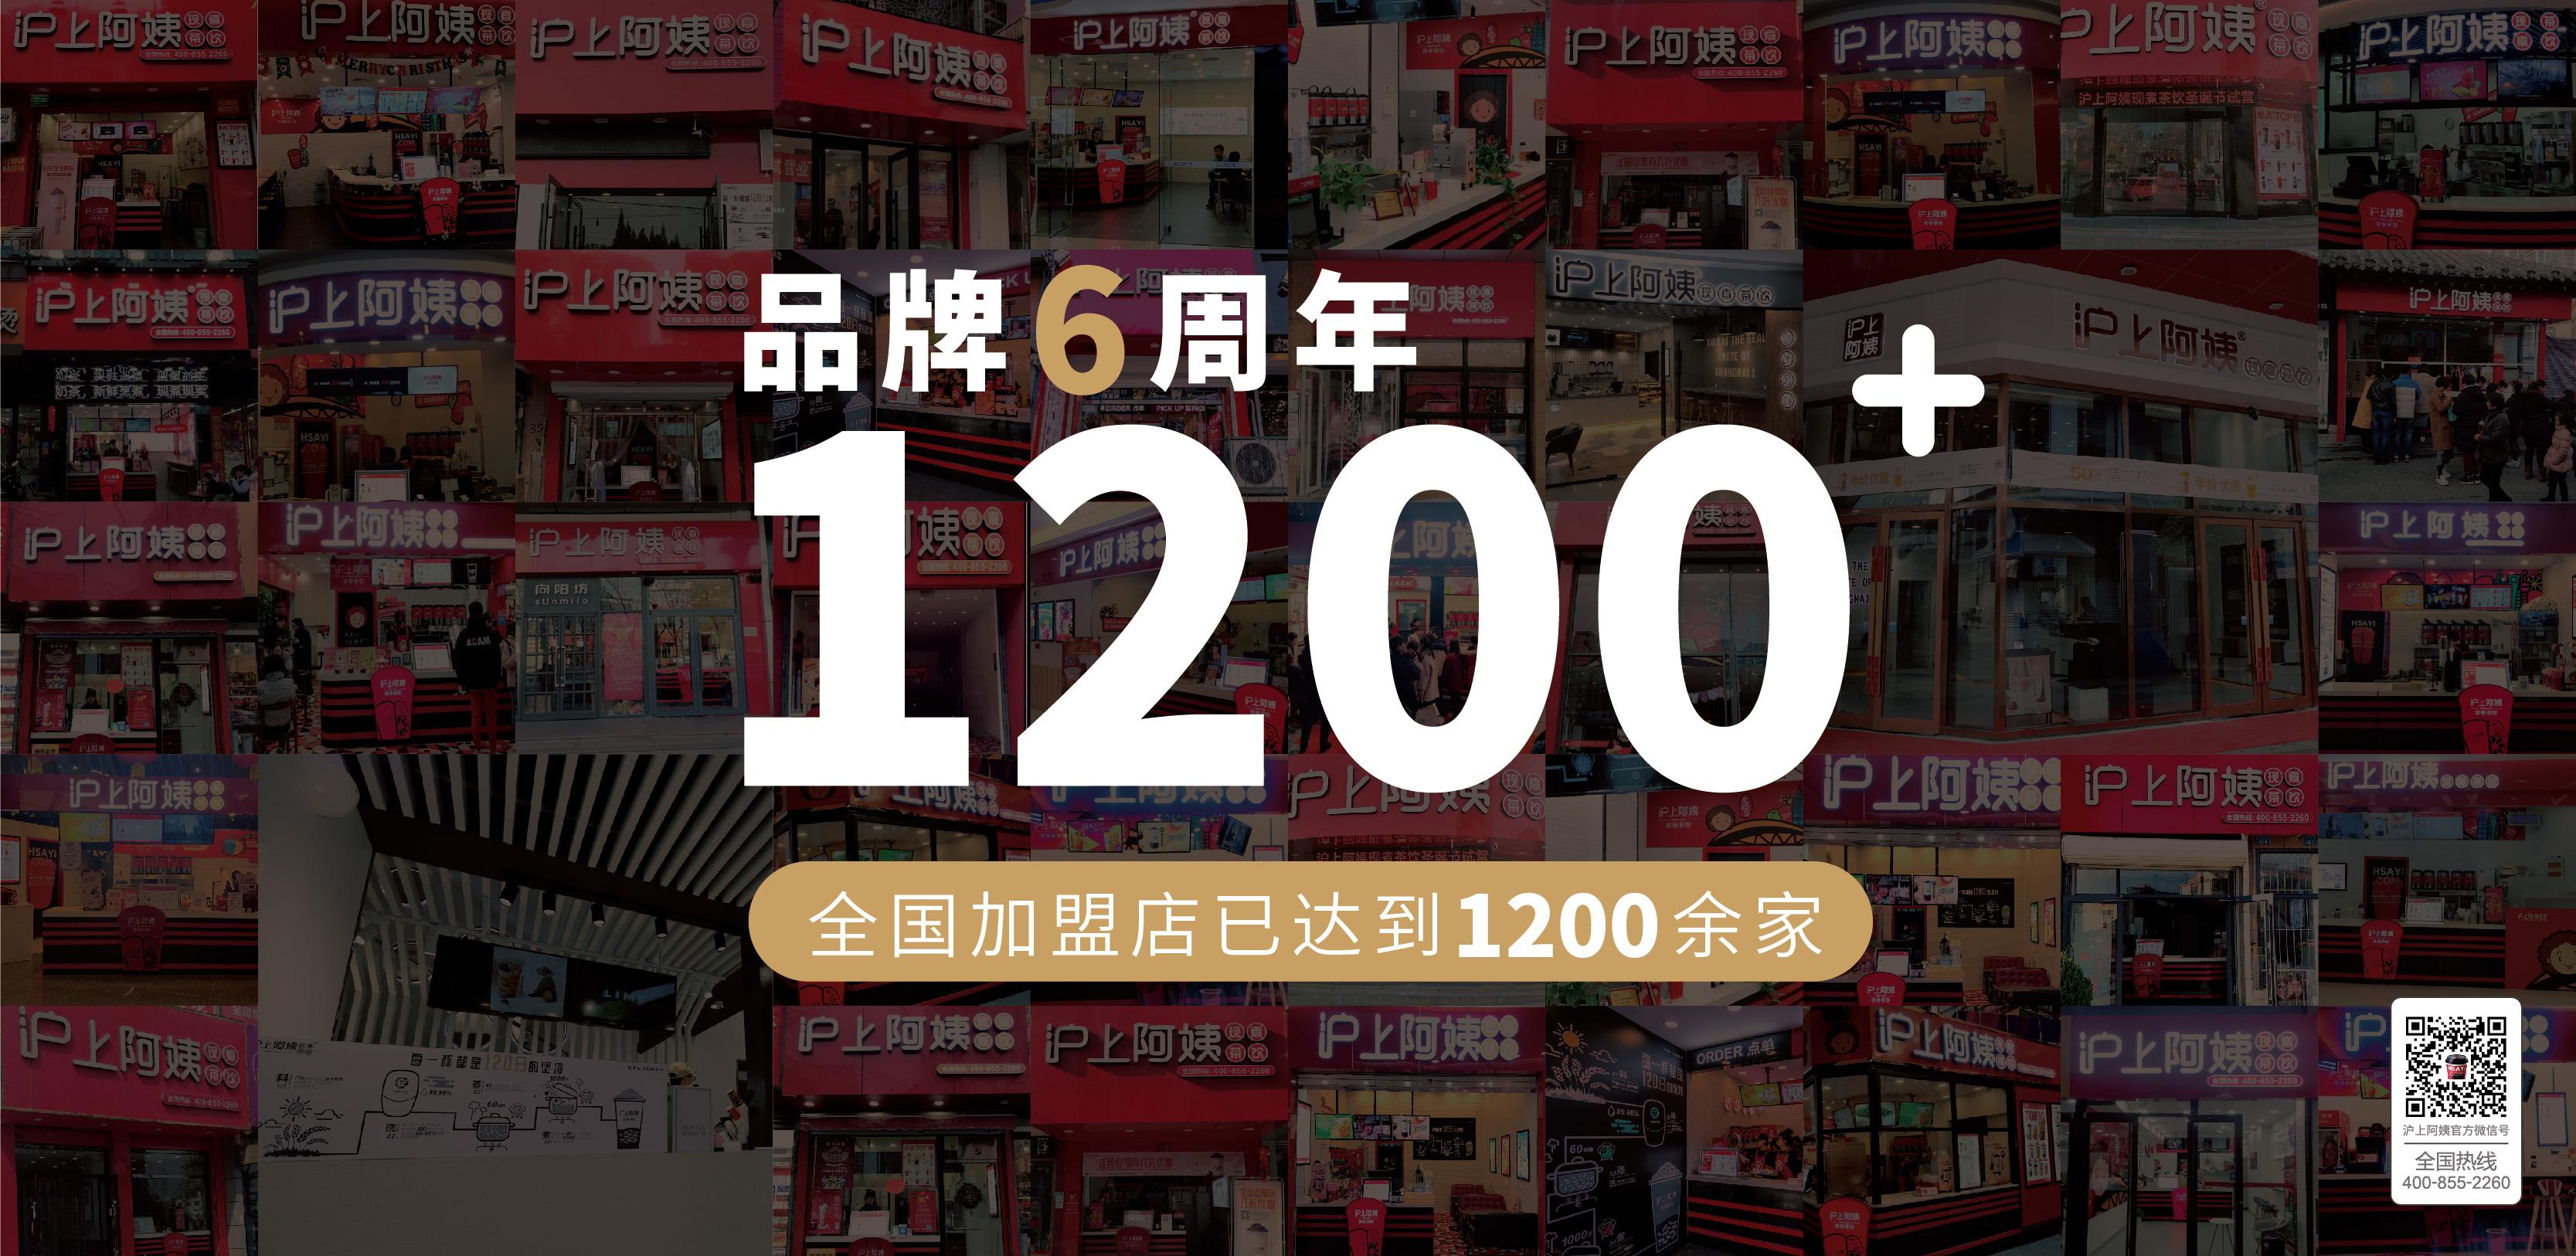 上海臻敬实业有限公司